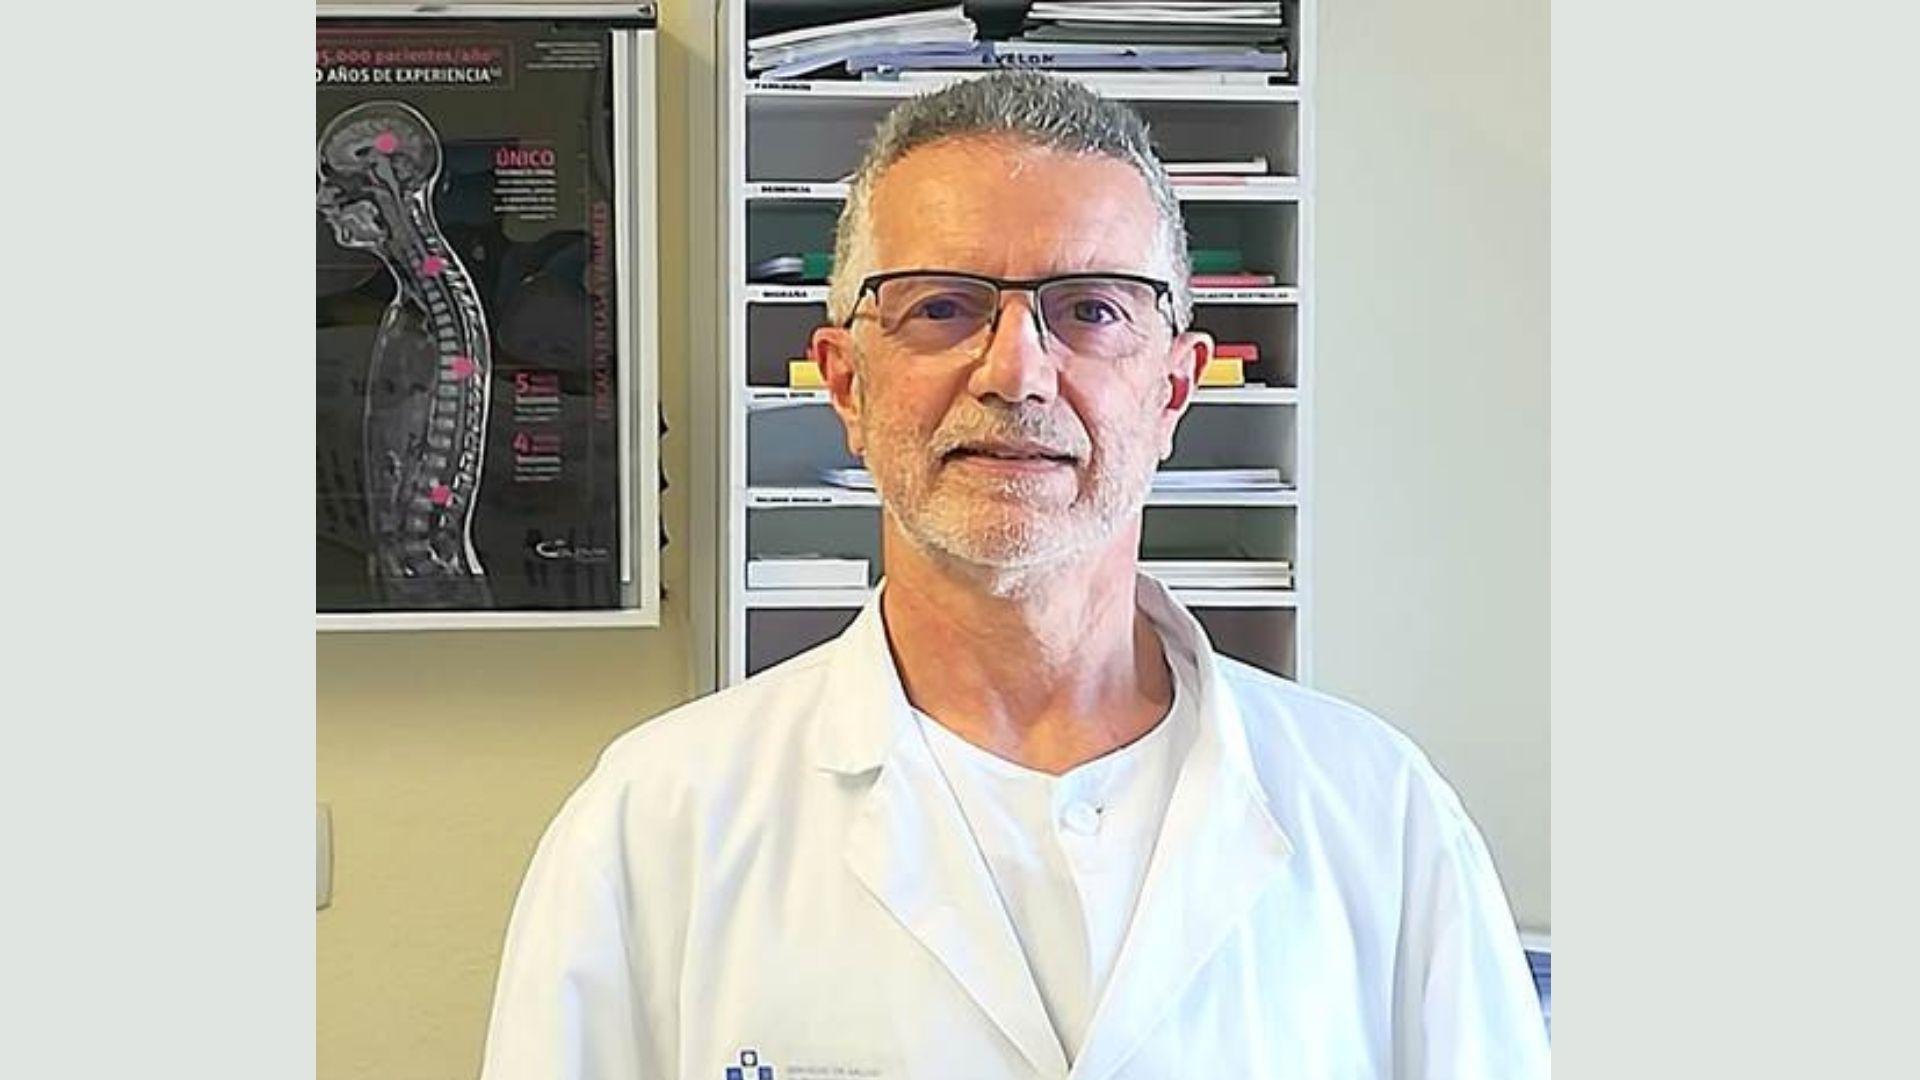 El neurólogo Dionisio Fernández Uría